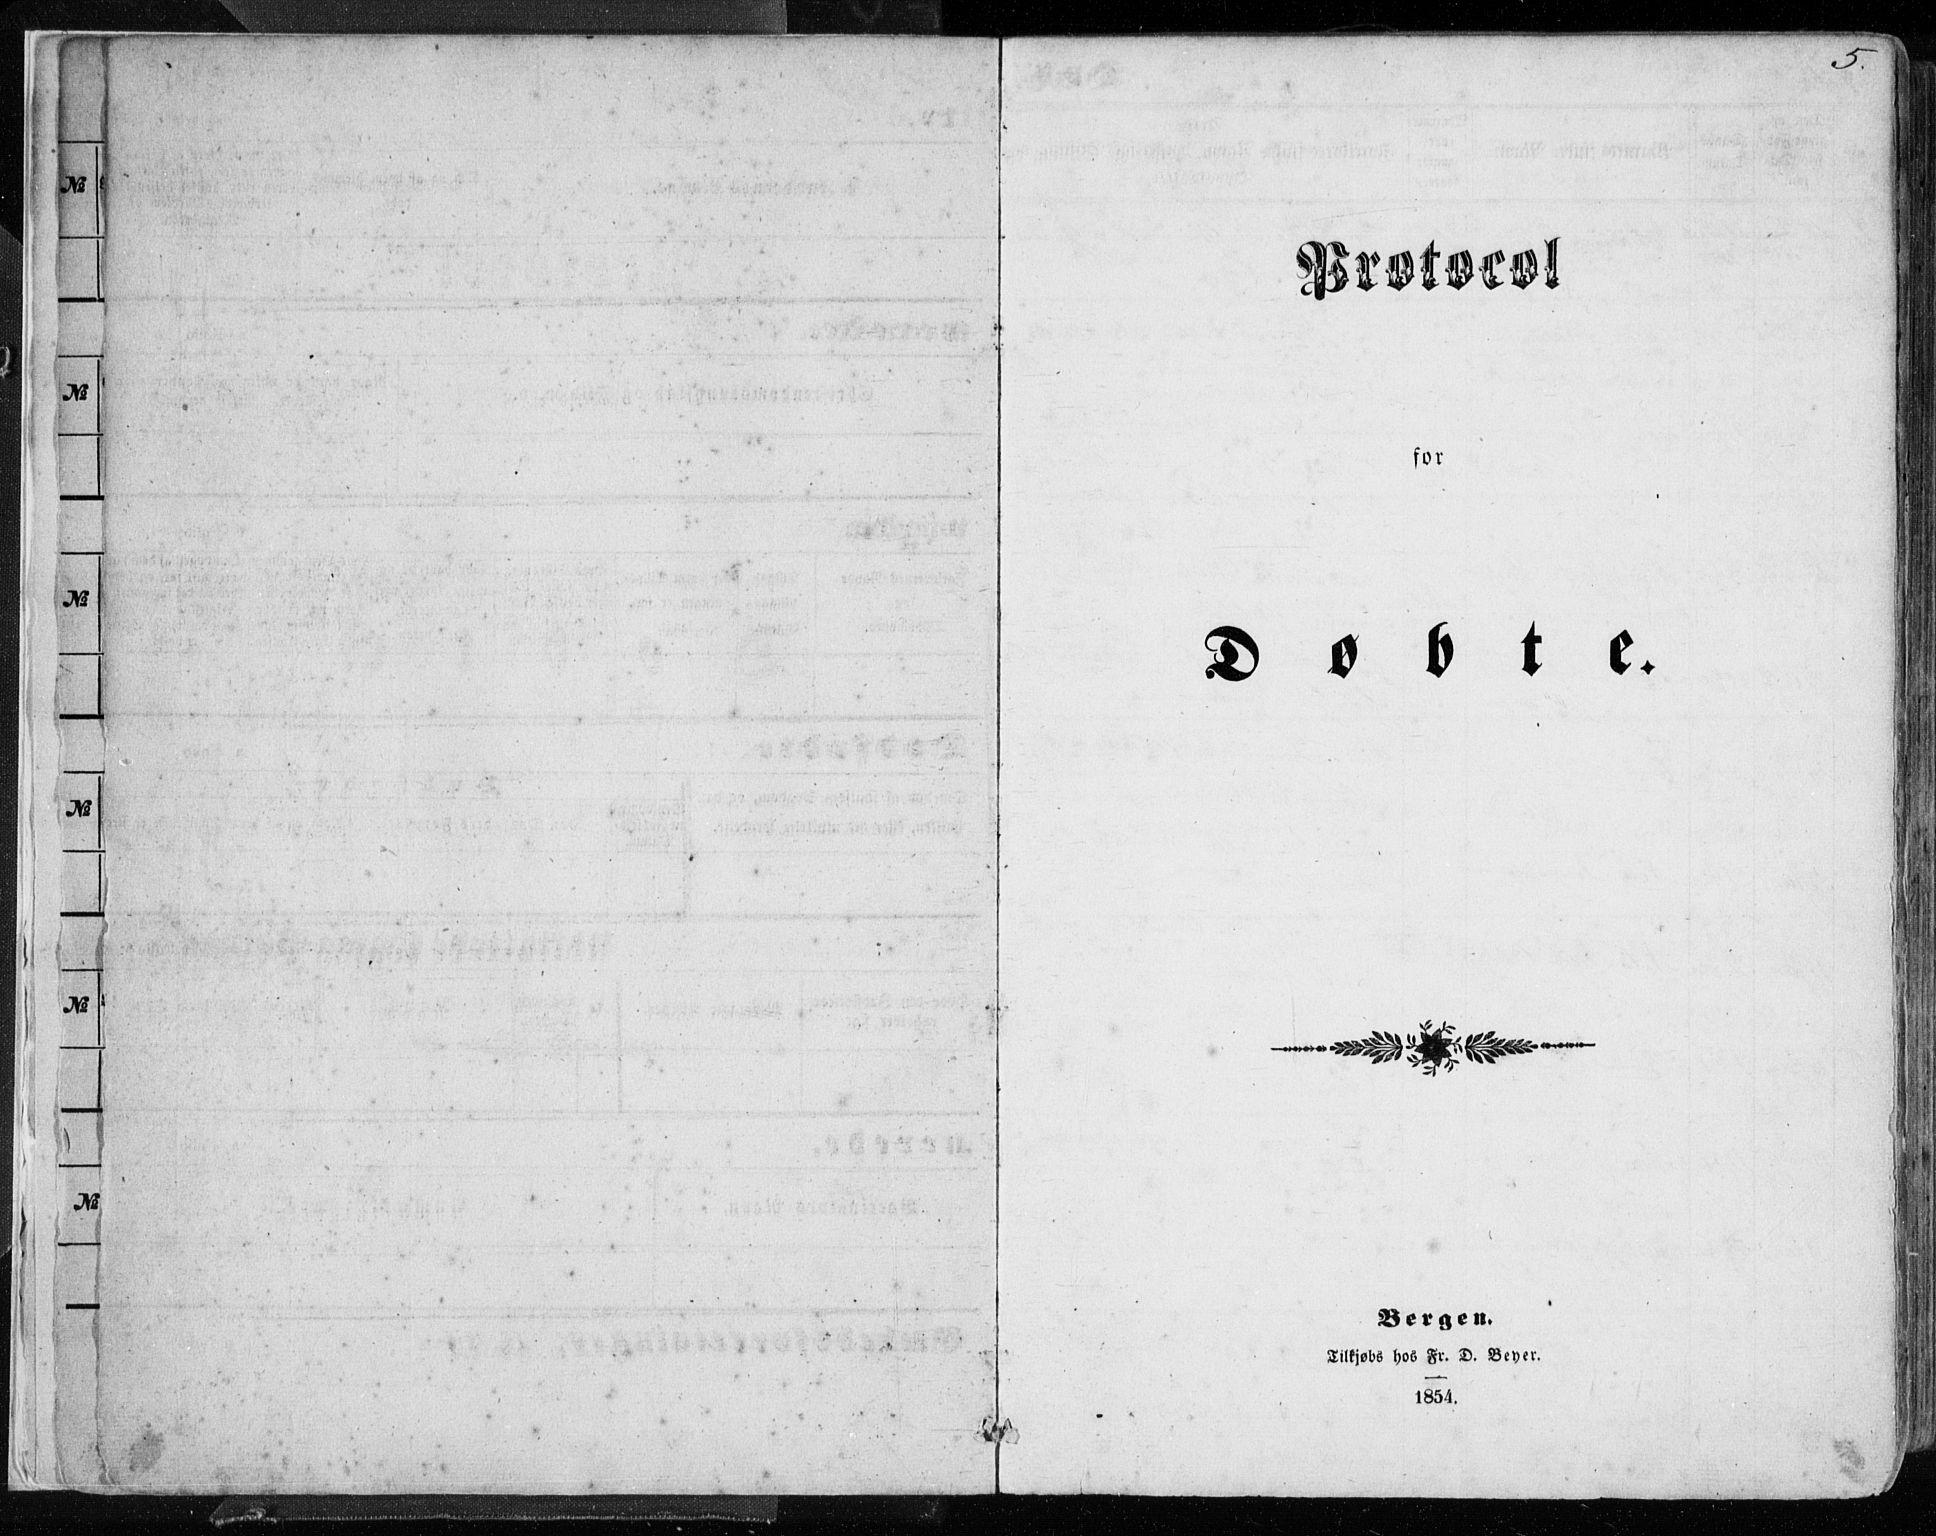 SAB, Hamre sokneprestembete, H/Ha/Haa/Haaa/L0014: Ministerialbok nr. A 14, 1858-1872, s. 5